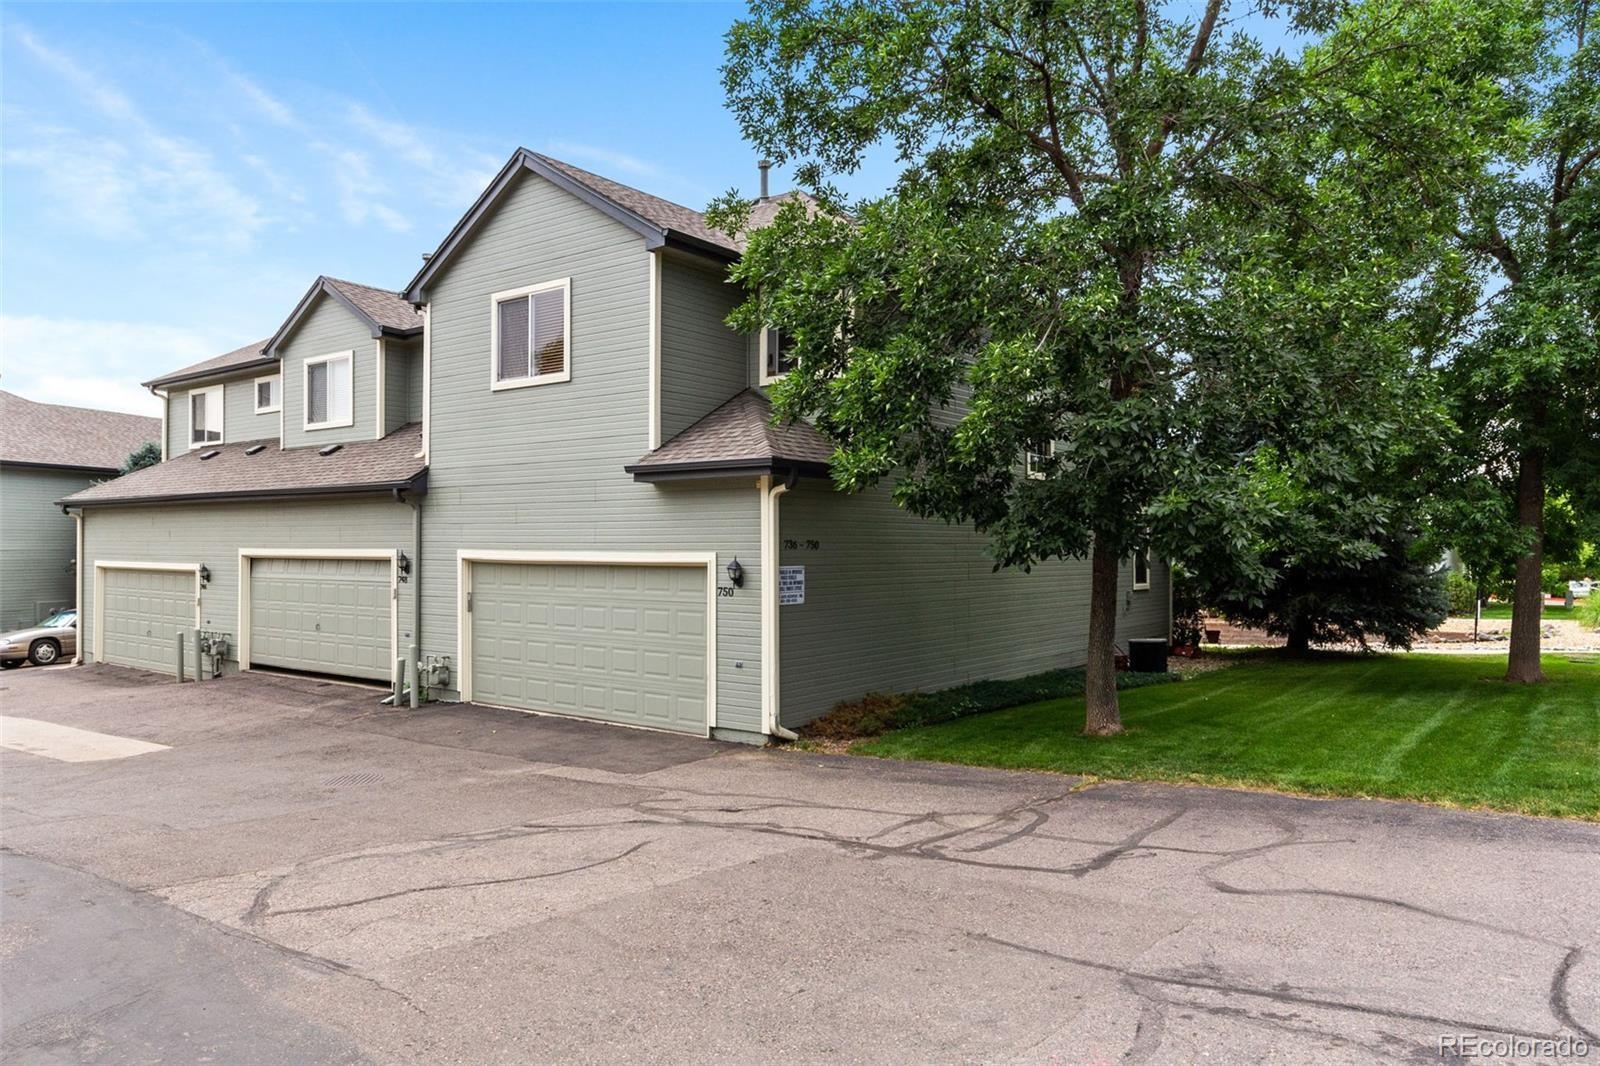 MLS# 7799987 - 15 - 750 S Depew Street, Lakewood, CO 80226